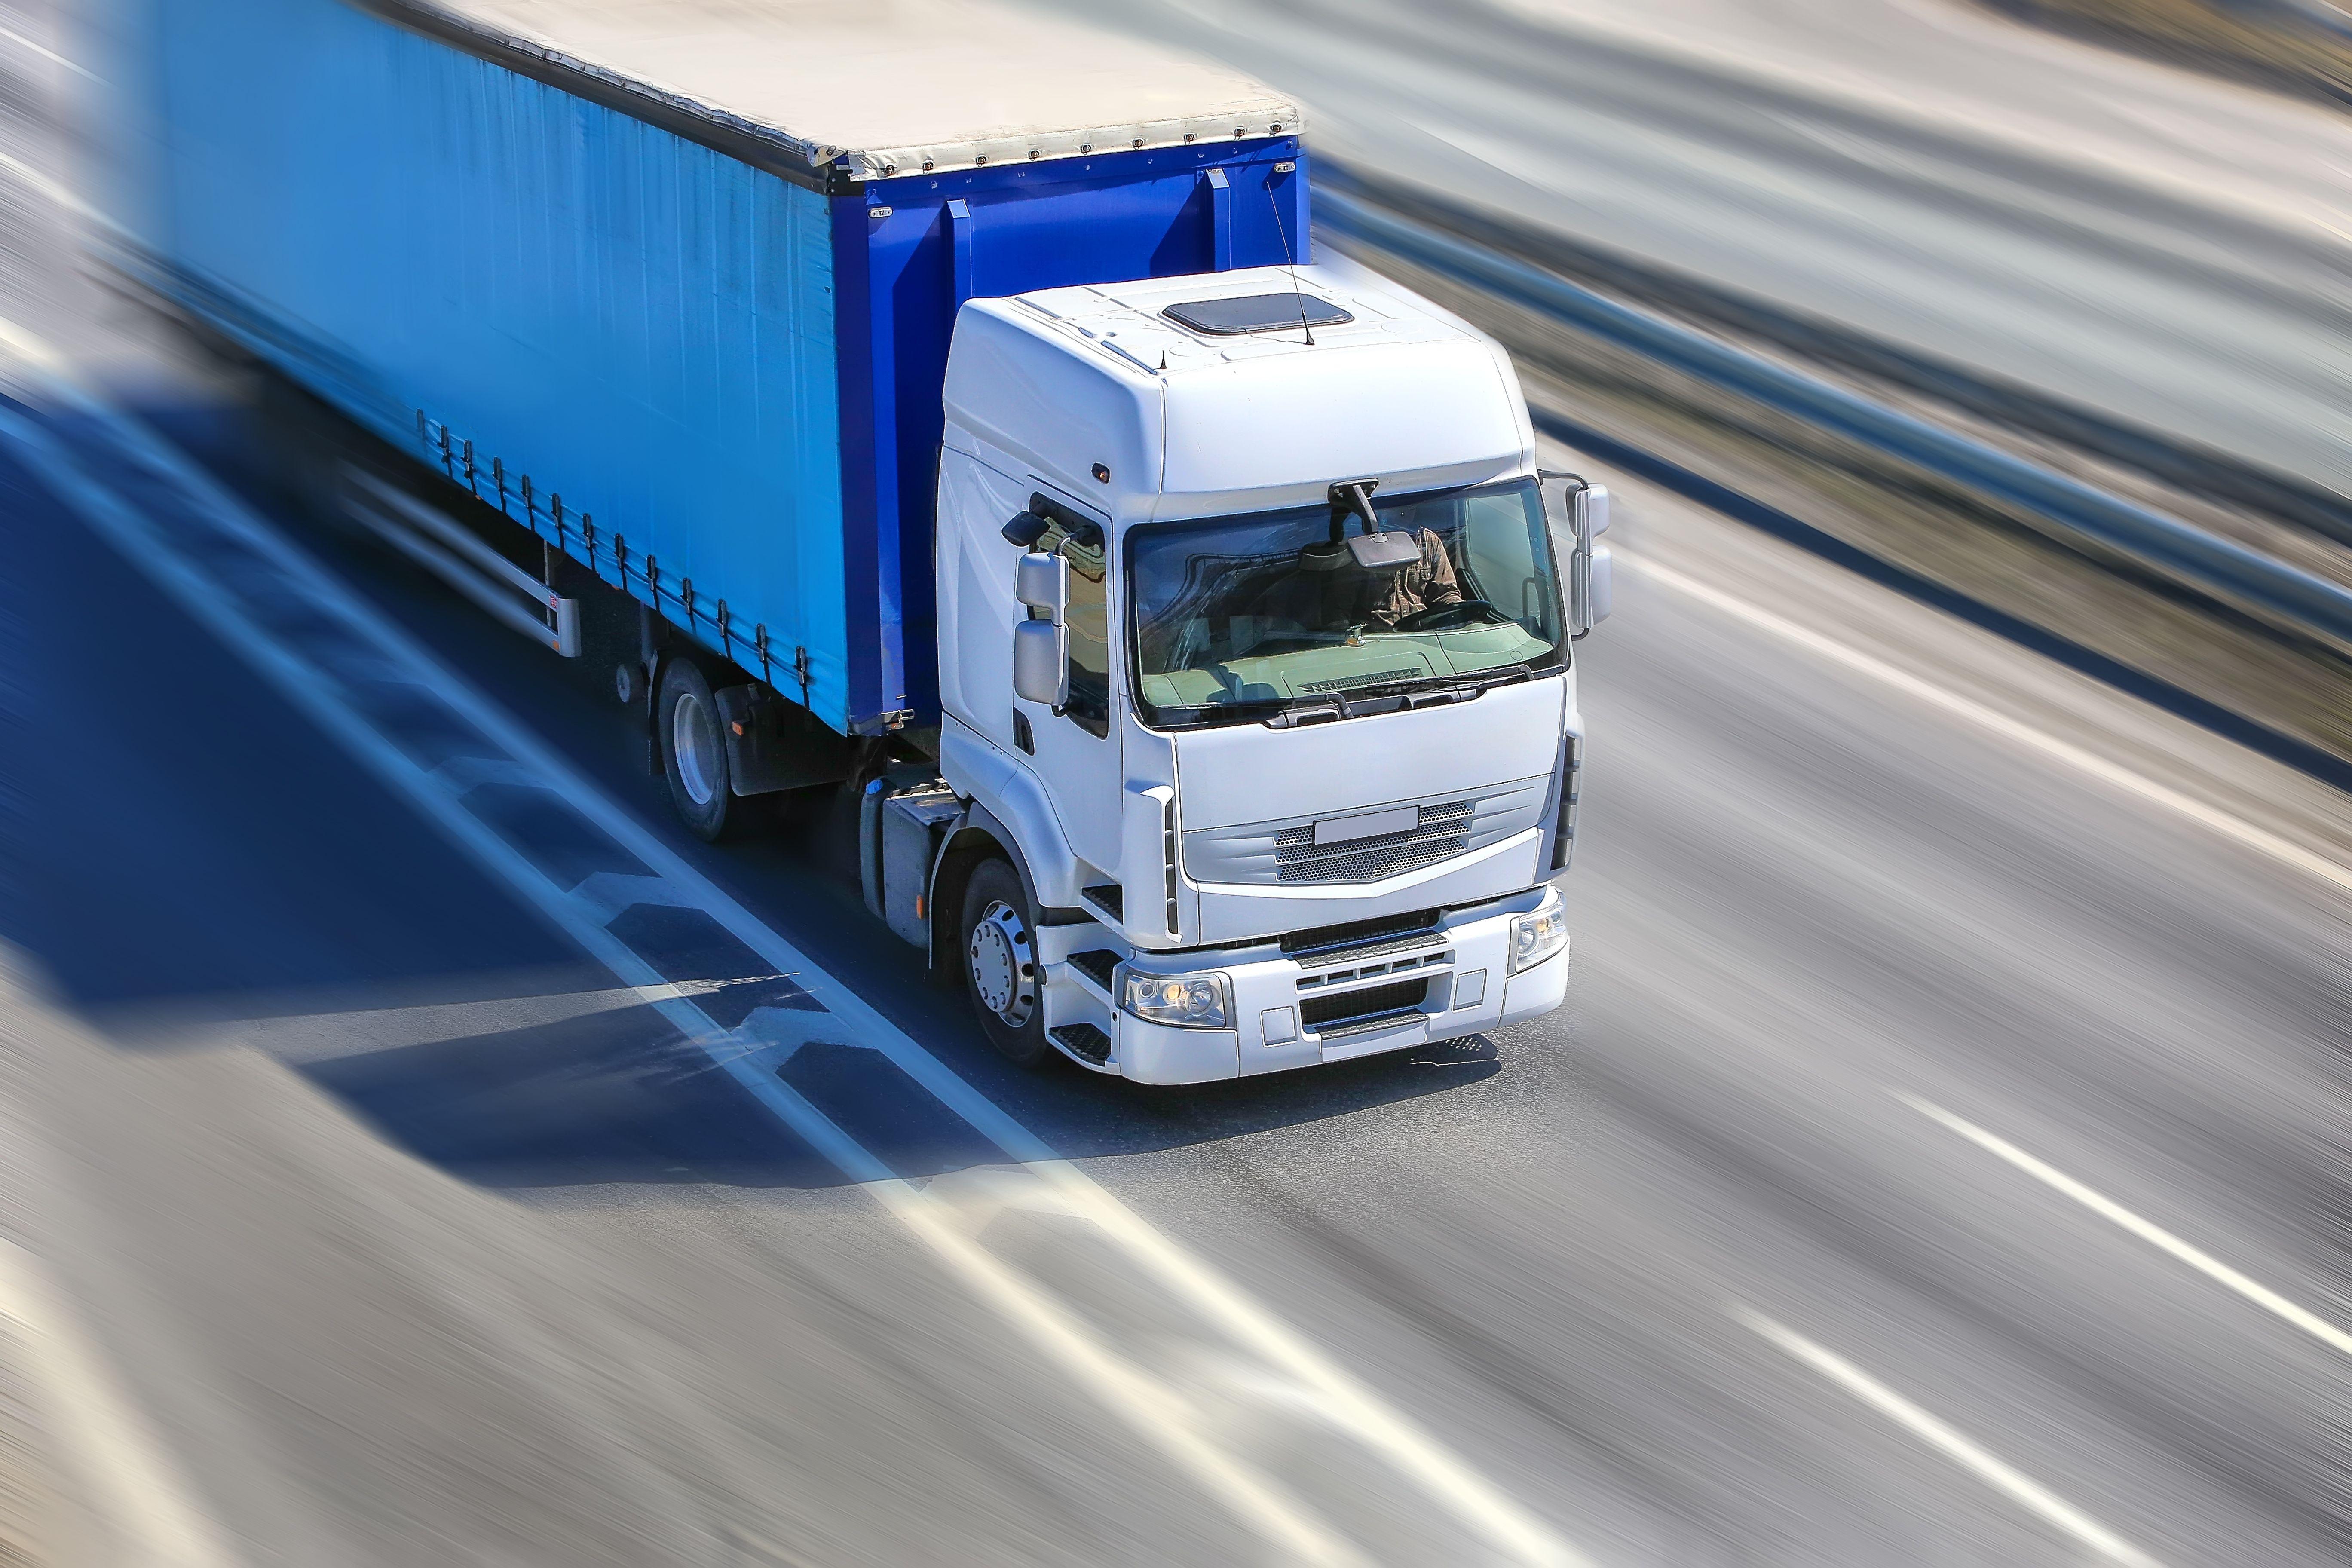 Servicios a nivel nacional e internacional: Servicios de Transportes M. Iglesias